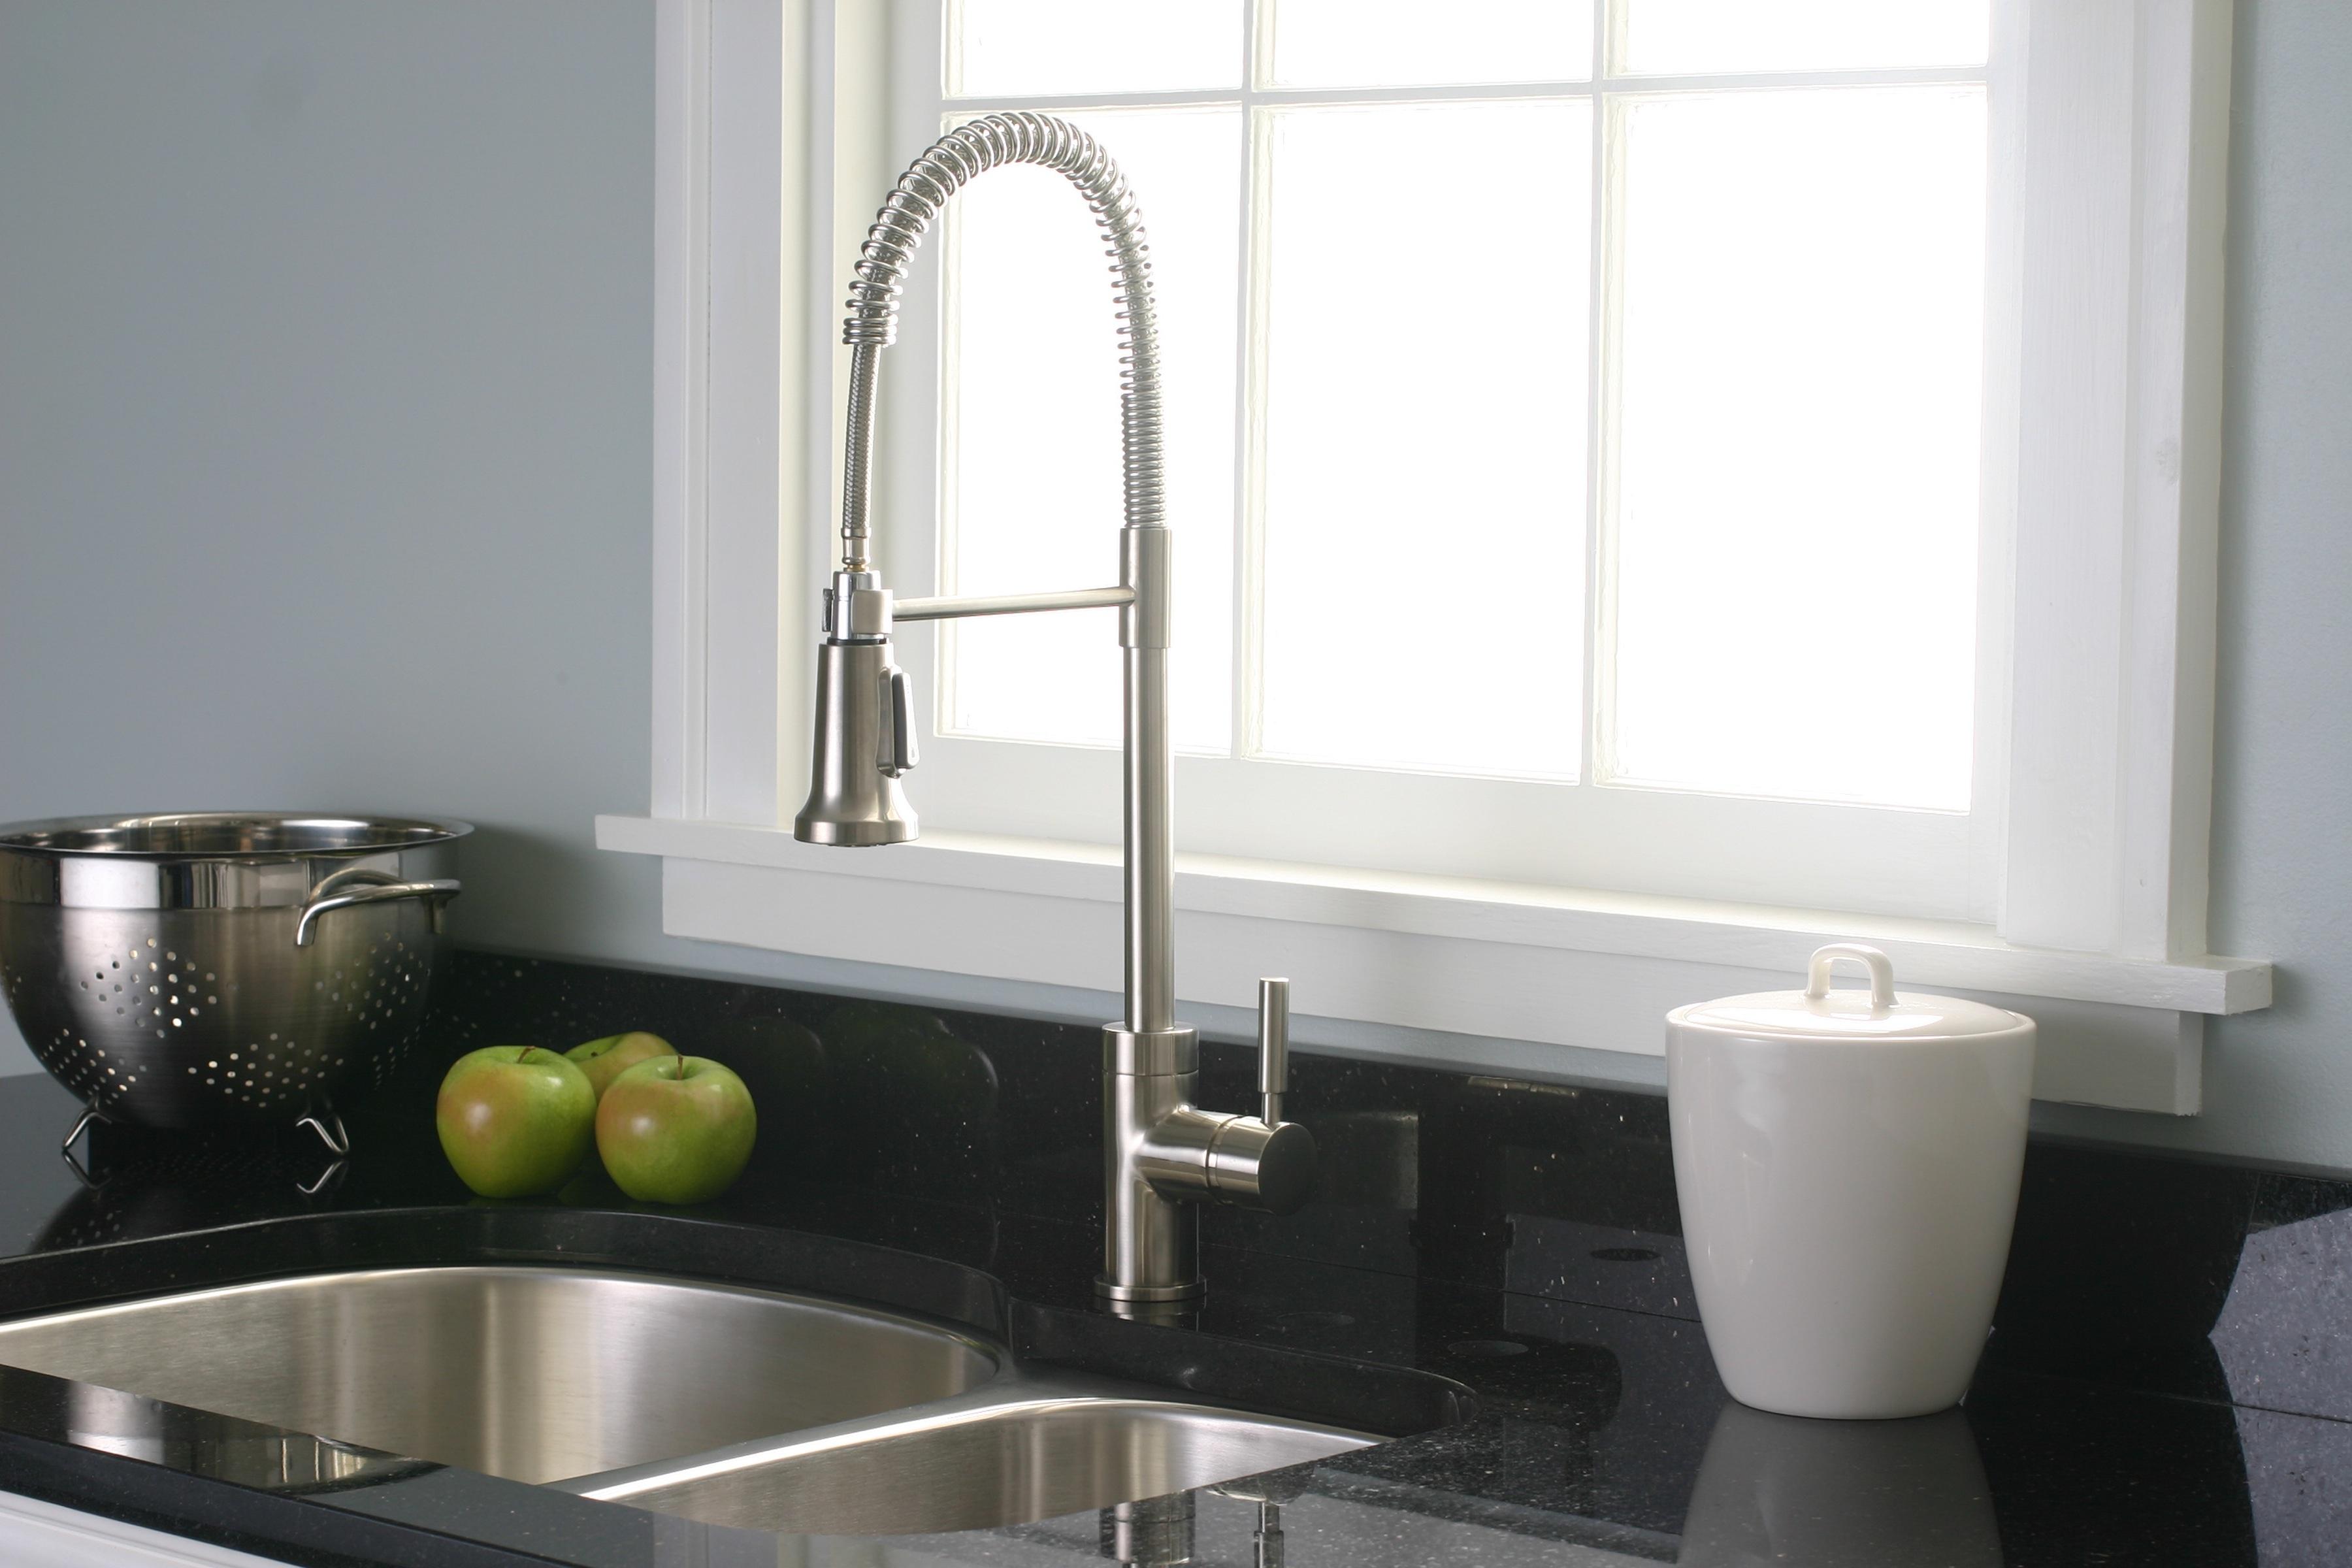 Ideas, industrial looking kitchen faucets industrial looking kitchen faucets industrial kitchen faucet sprayer restaurant kitchen sinks 3600 x 2400  .